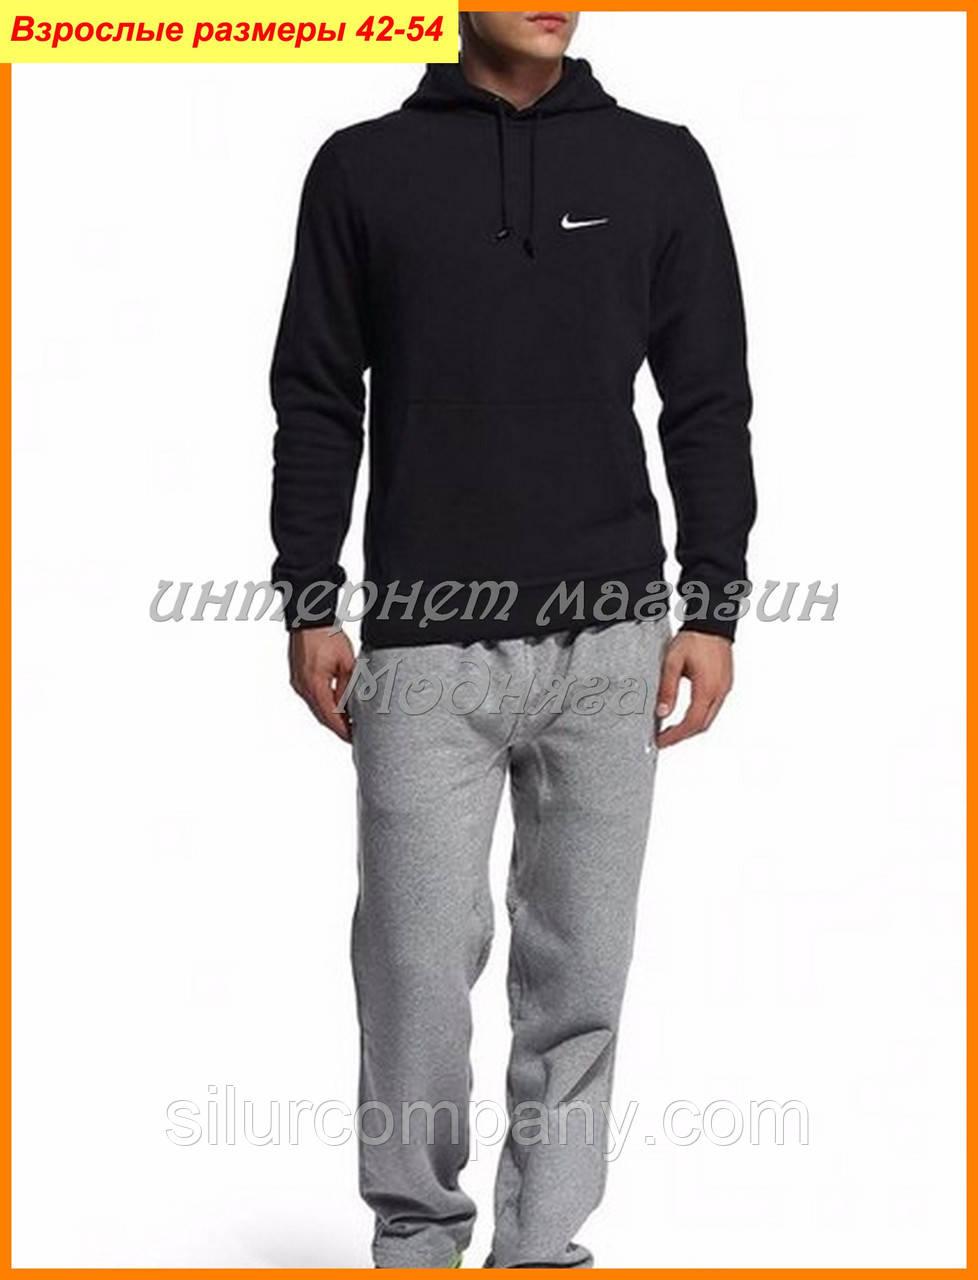 e85fea68 Мужские костюмы Nike | спортивные костюмы толстовка и штаны - Интернет  магазин